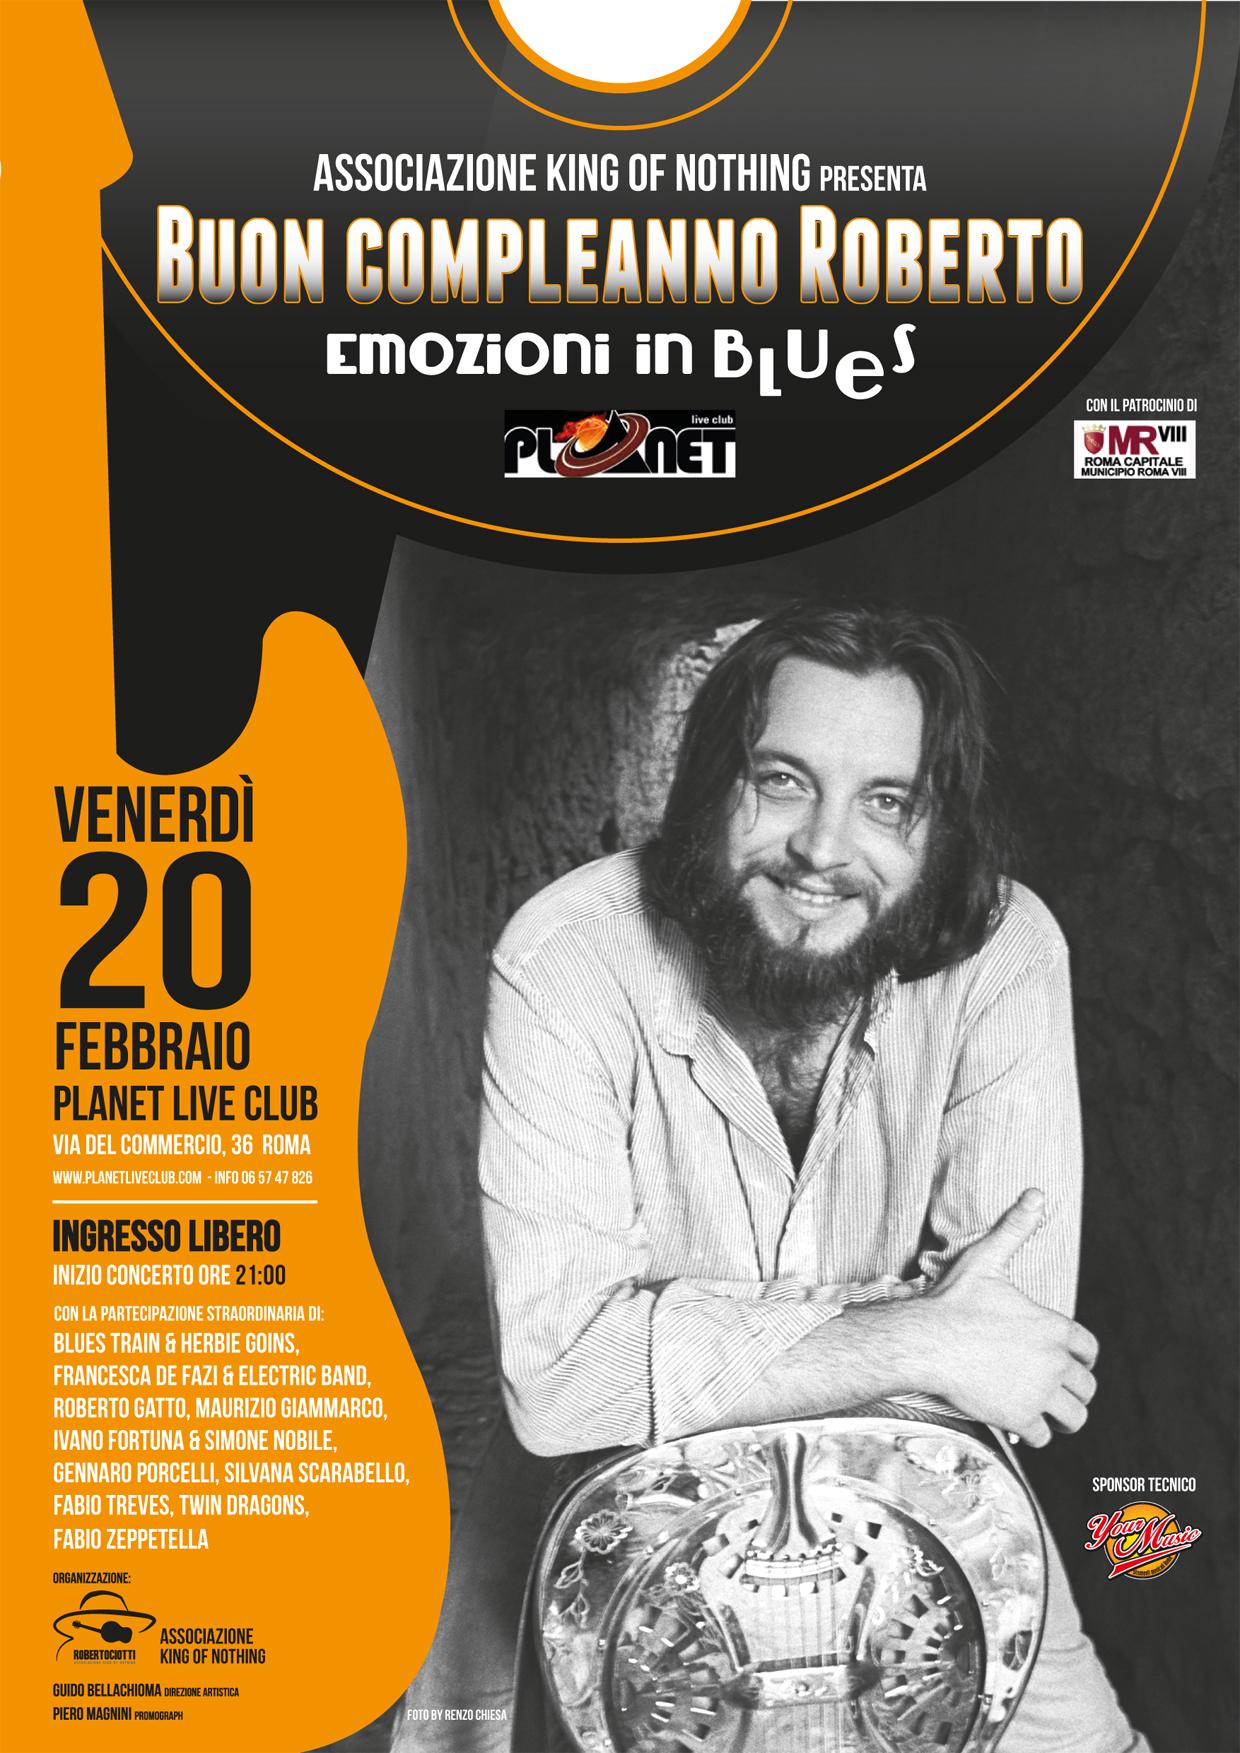 Buon Compleanno Roberto Ciotti @ Planet Live Club - 20 02 2015